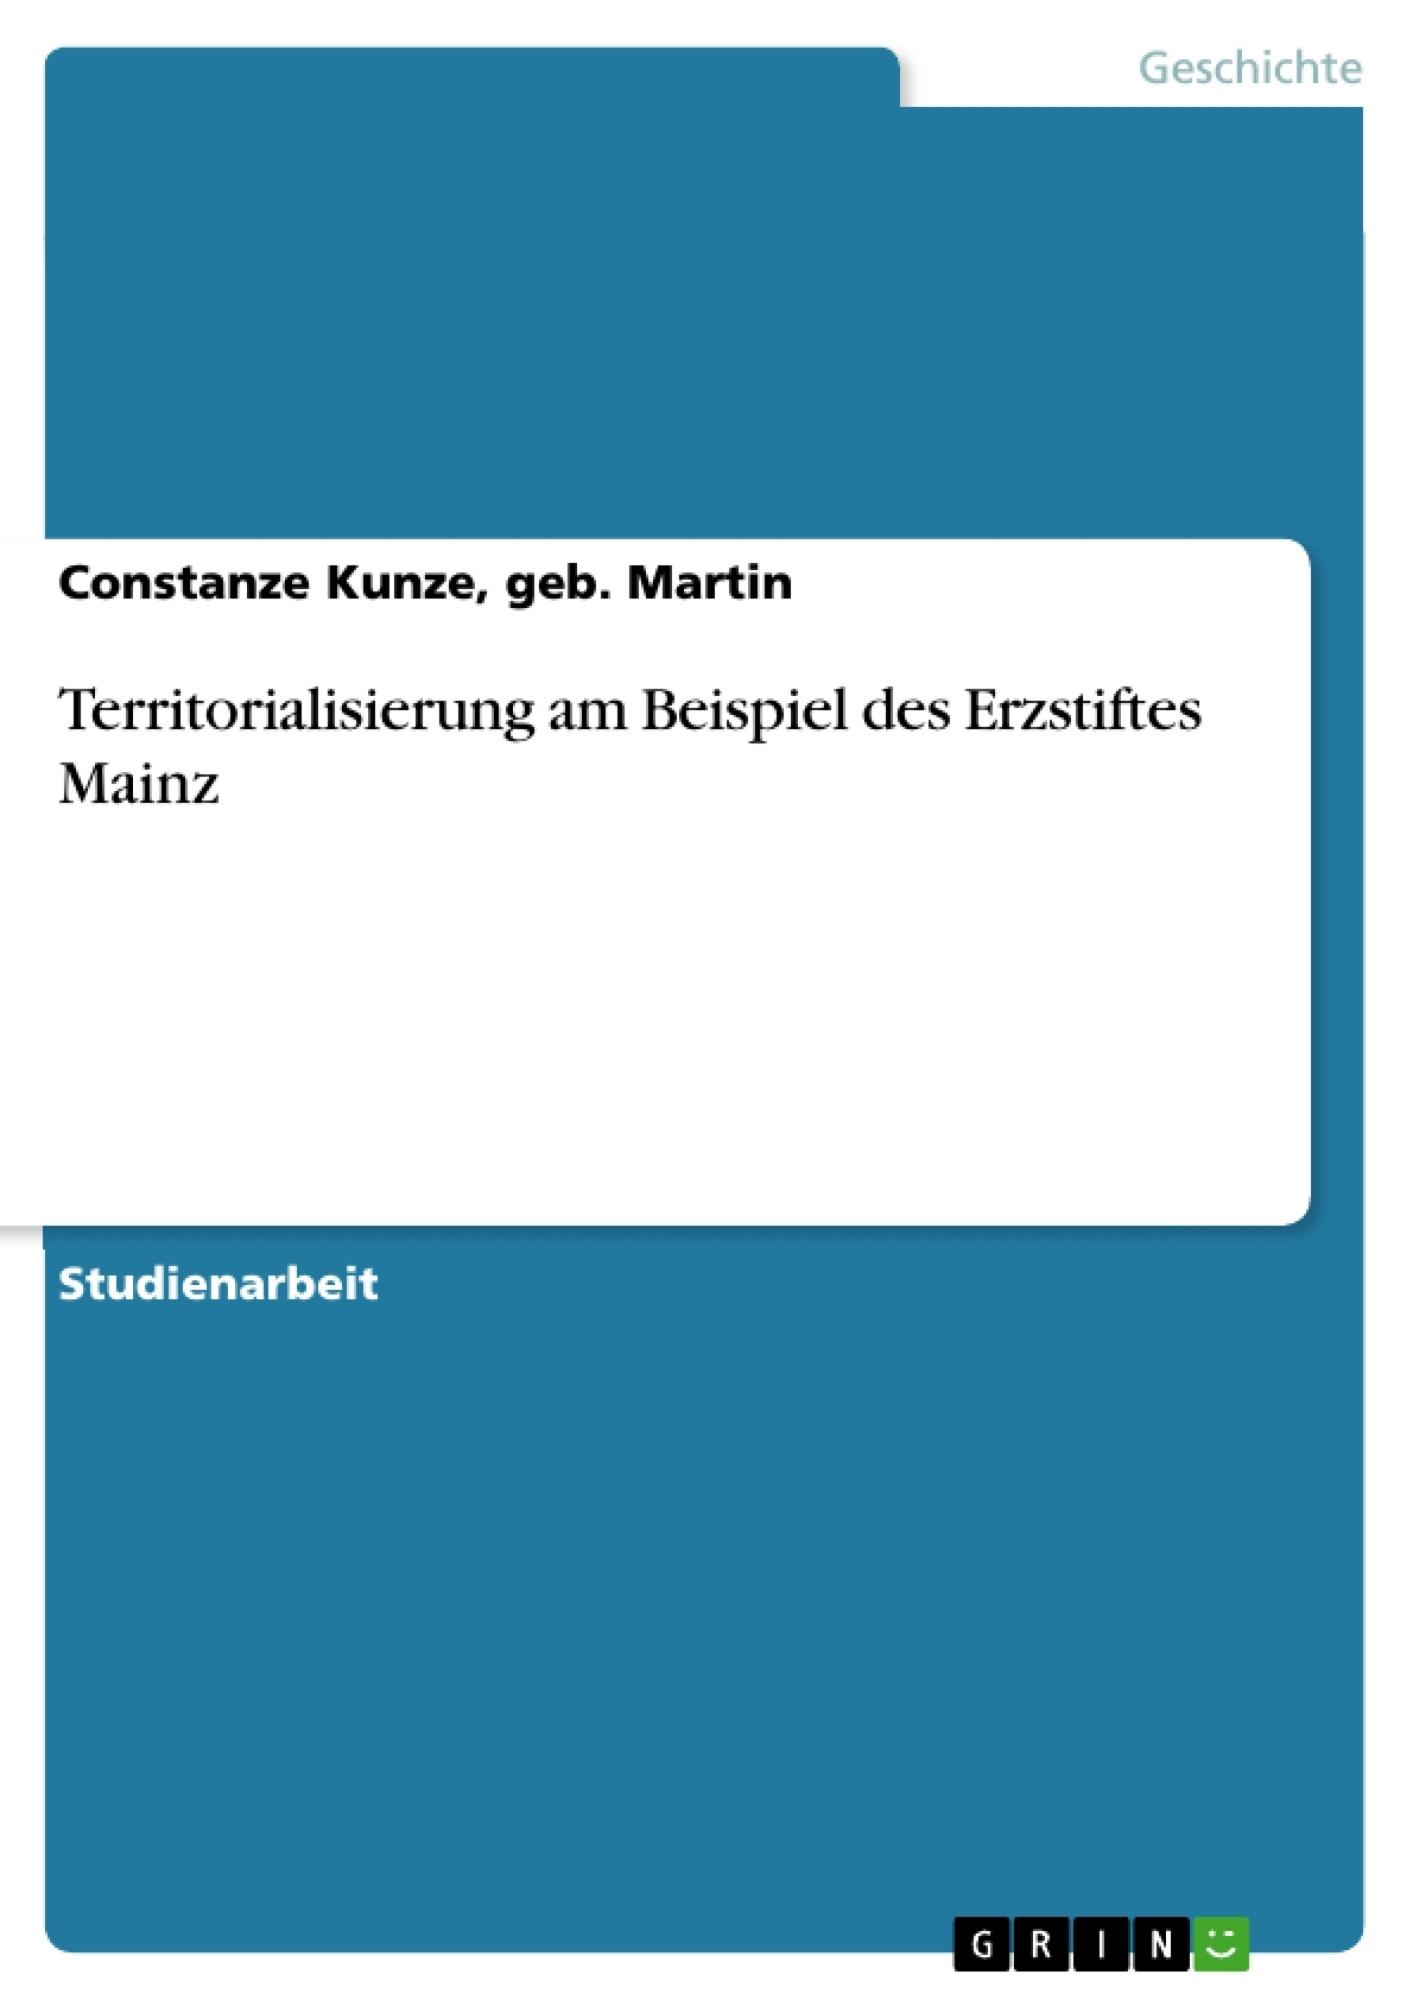 Titel: Territorialisierung am Beispiel des Erzstiftes Mainz